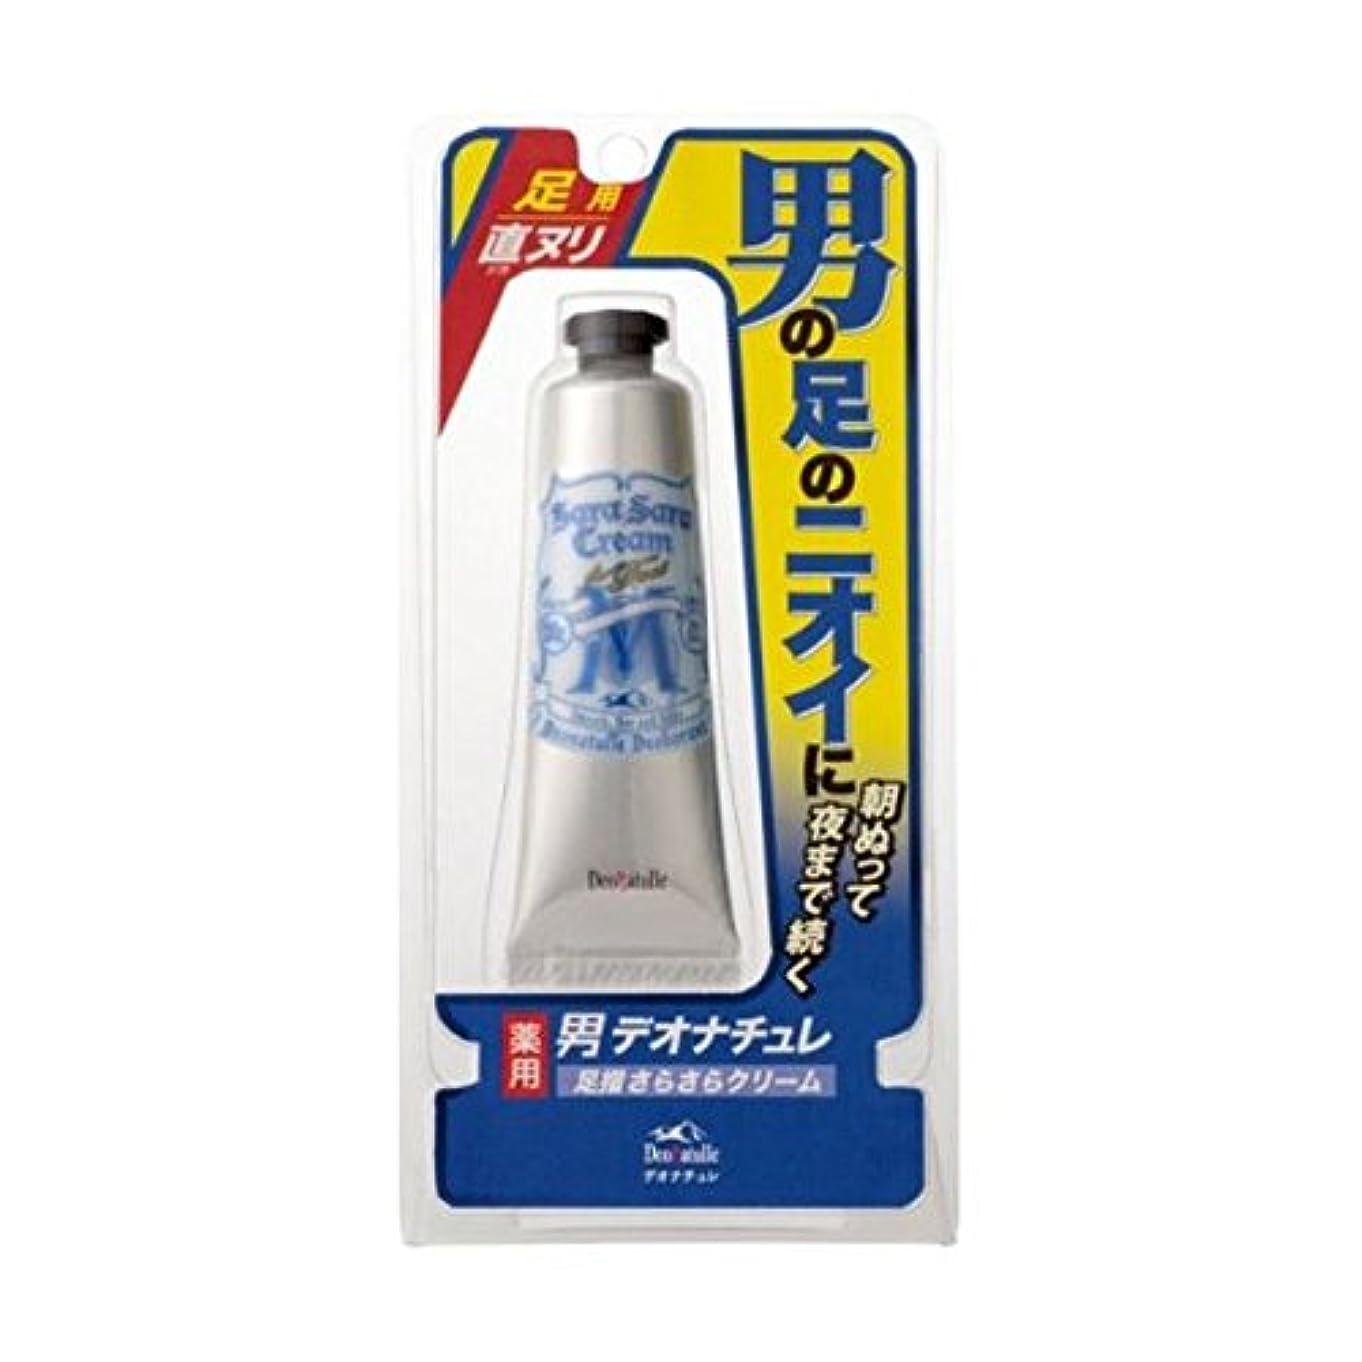 信頼性酸度雄弁デオナチュレ 男足指さらさらクリーム 30Gx3個セット